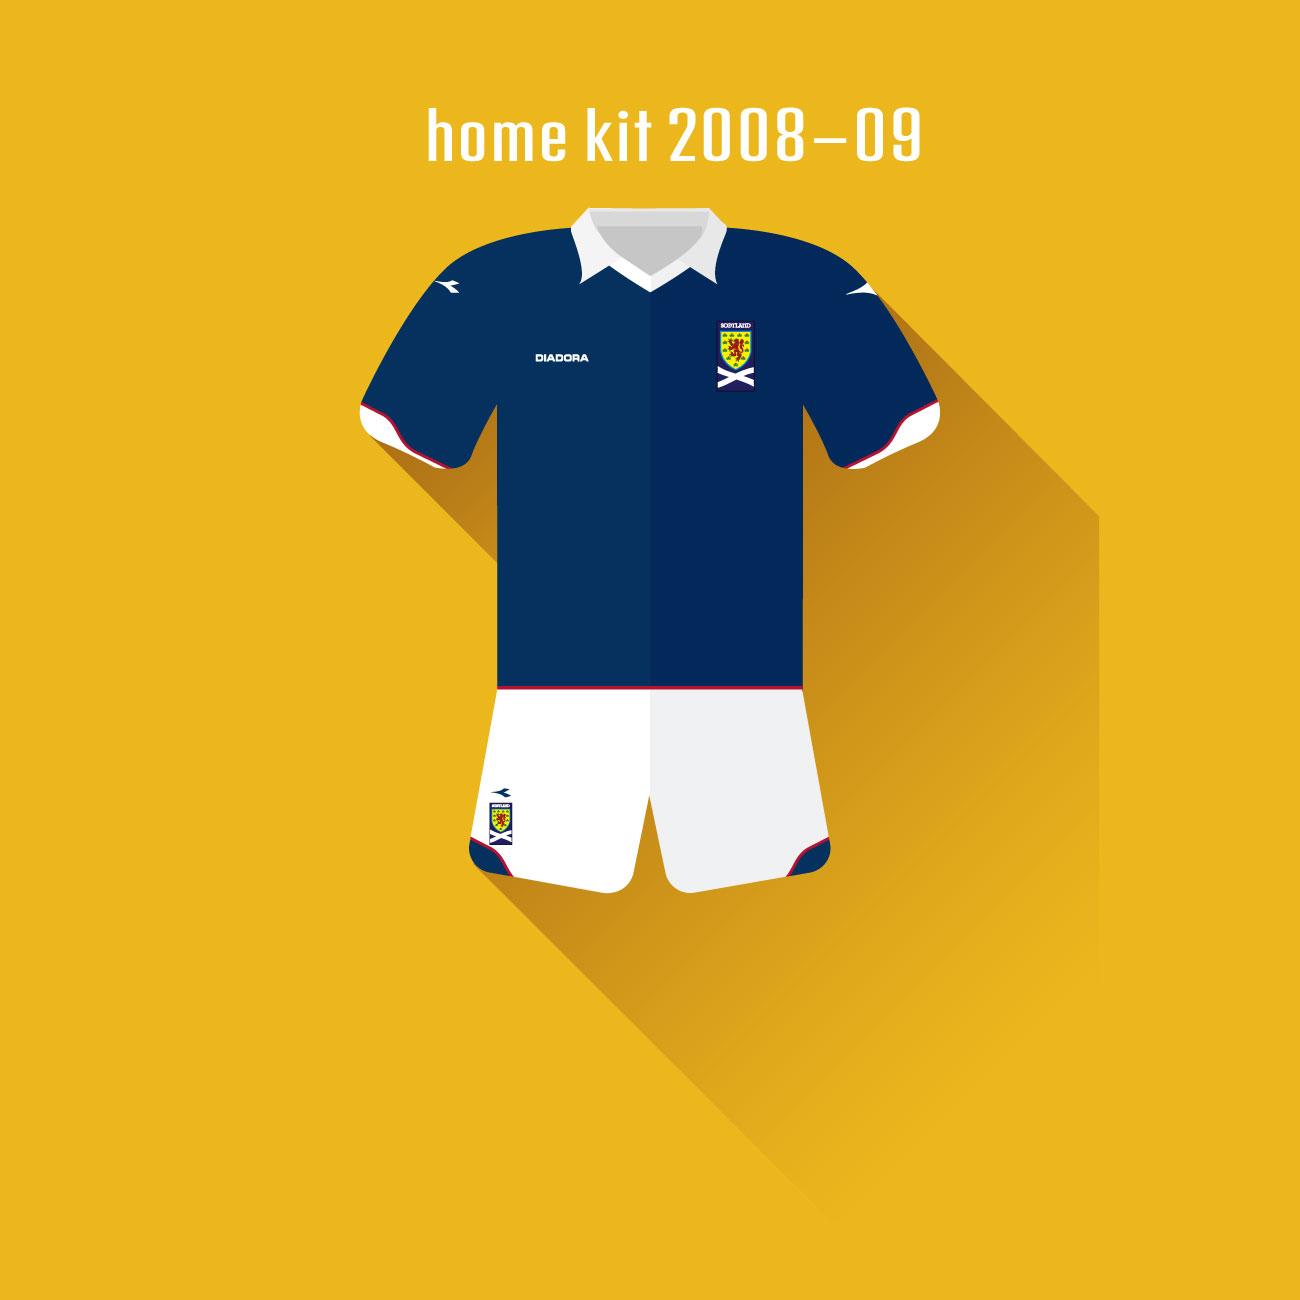 scotland-home-2008-09